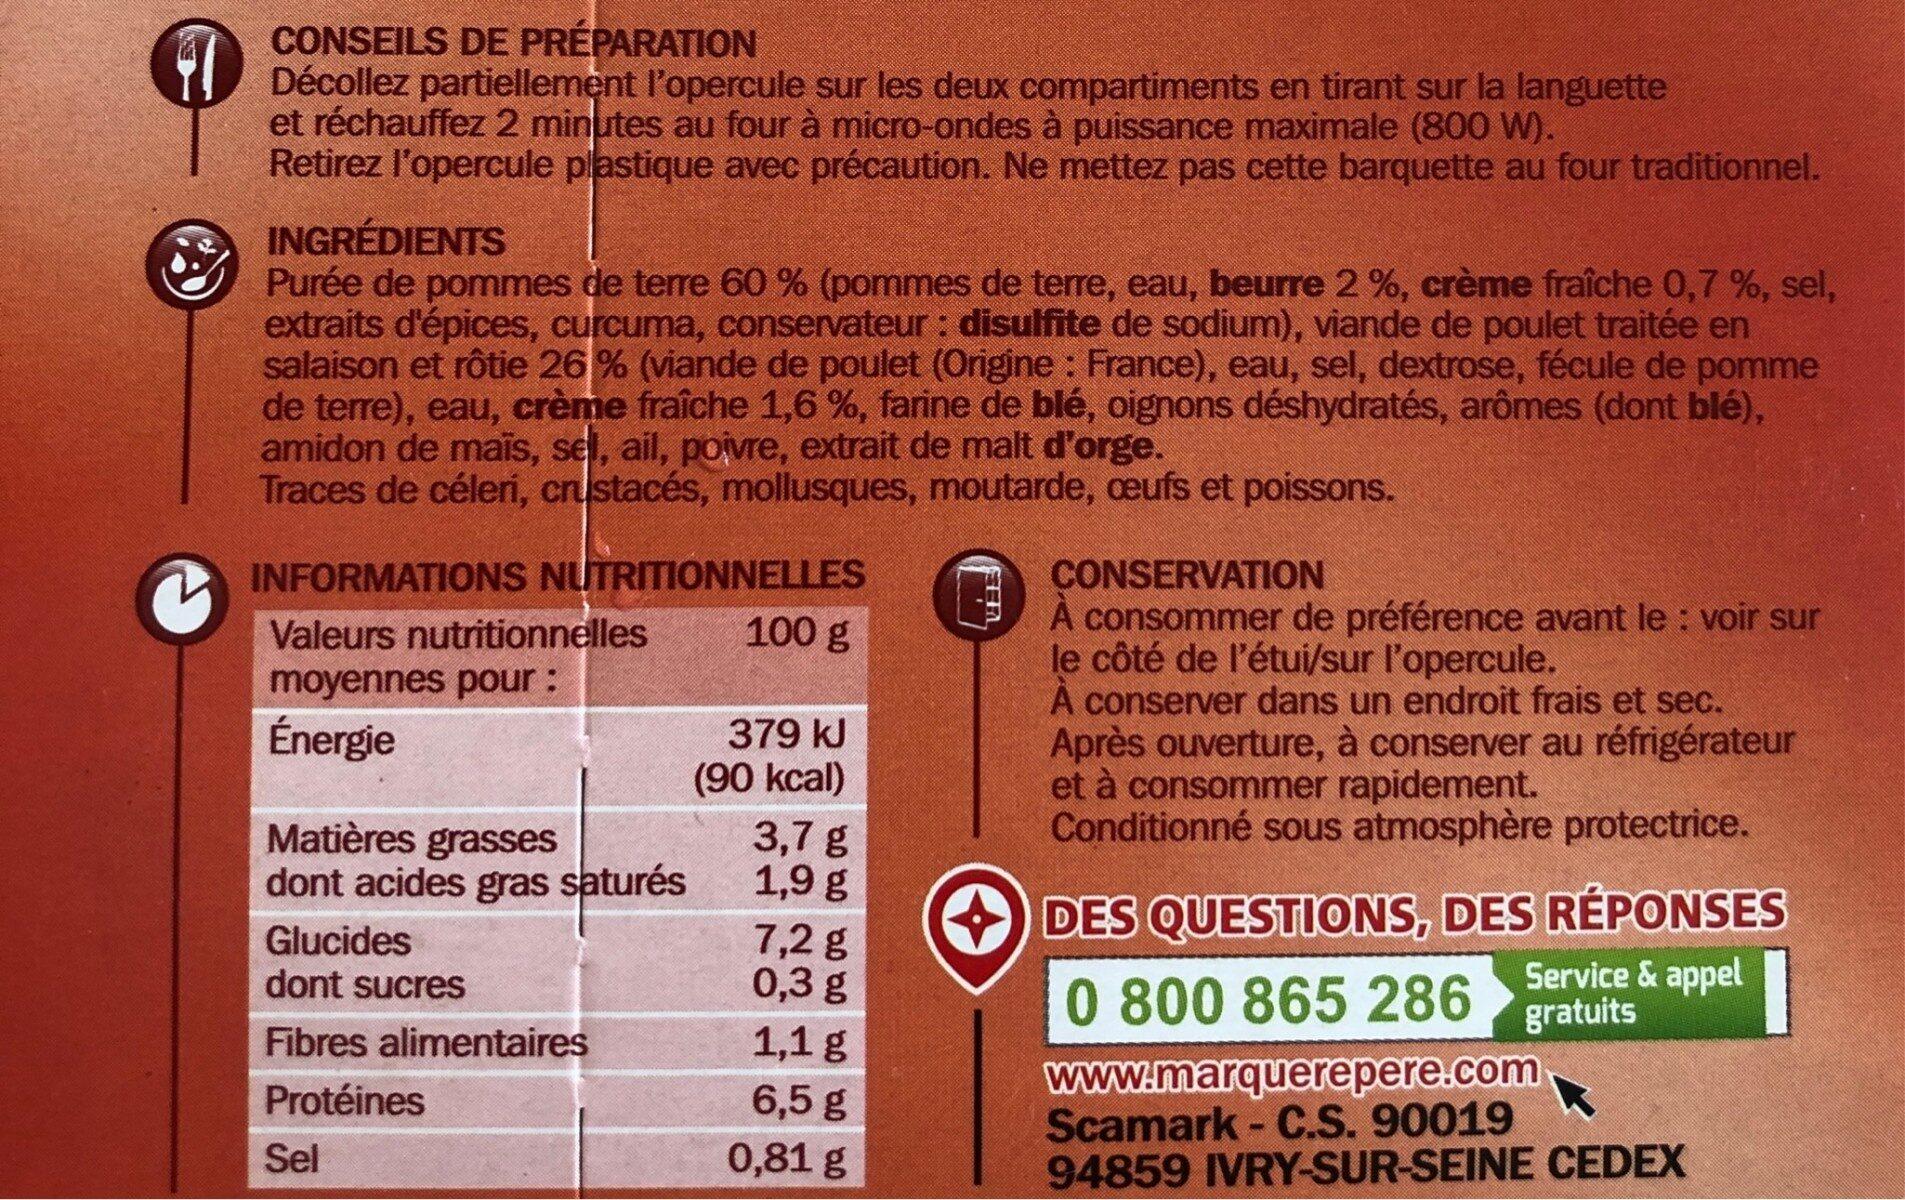 Poulet rôti et purée de pommes de terre - barquette - Informations nutritionnelles - fr